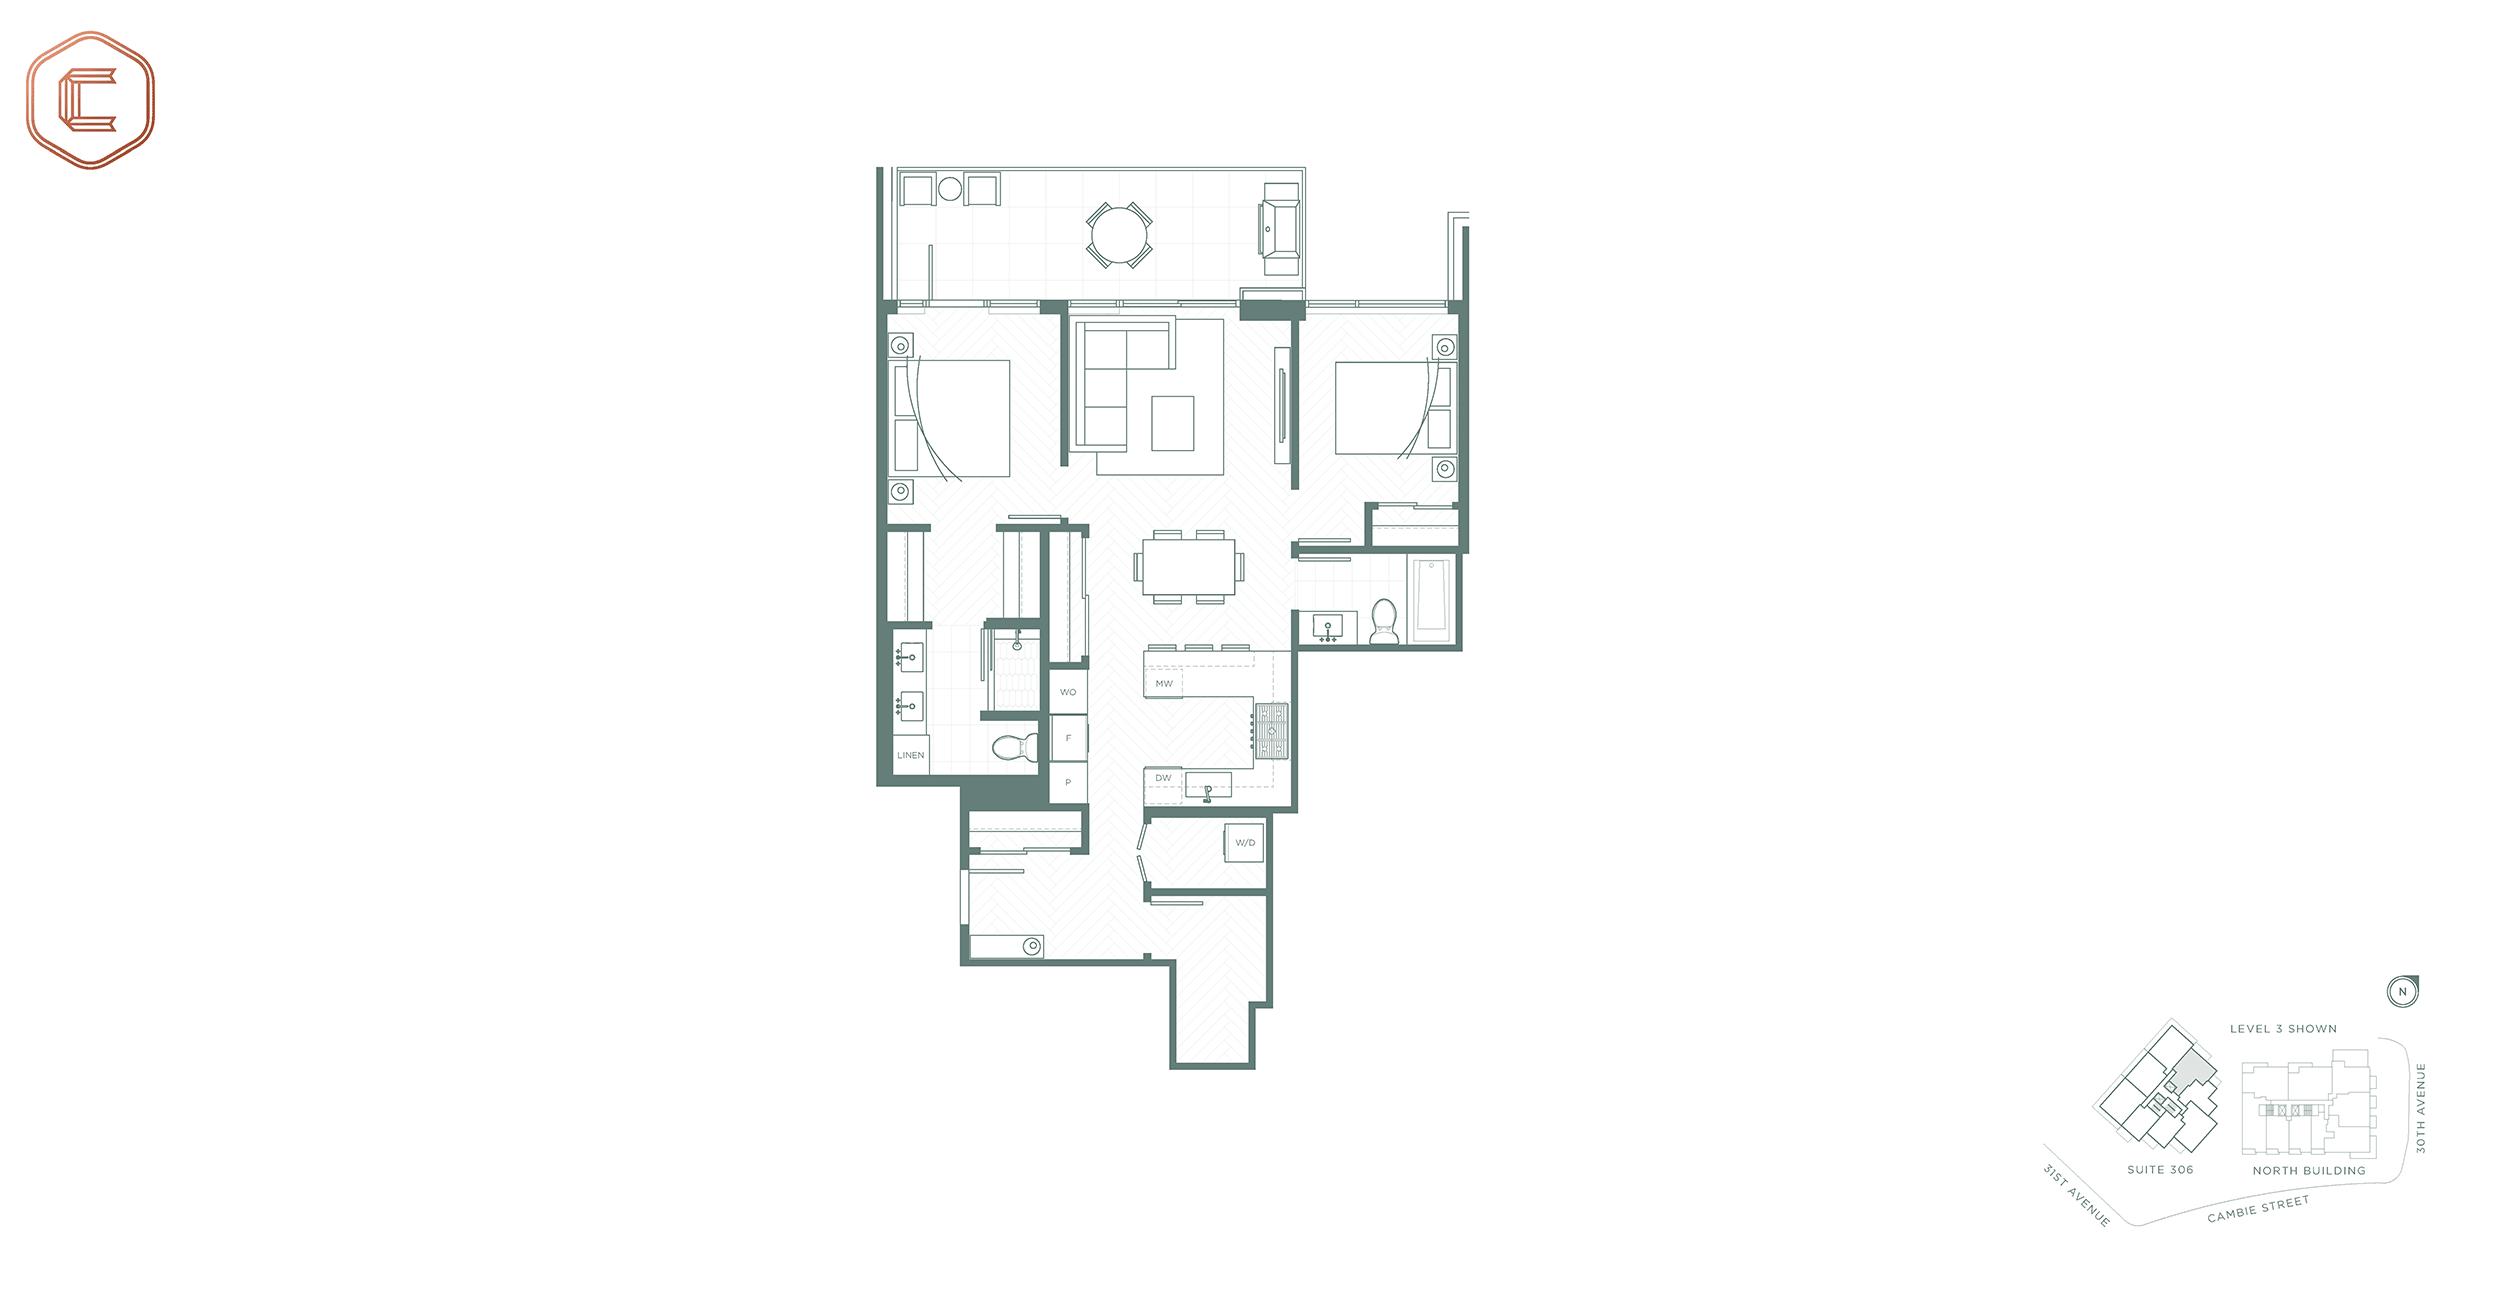 plan C15